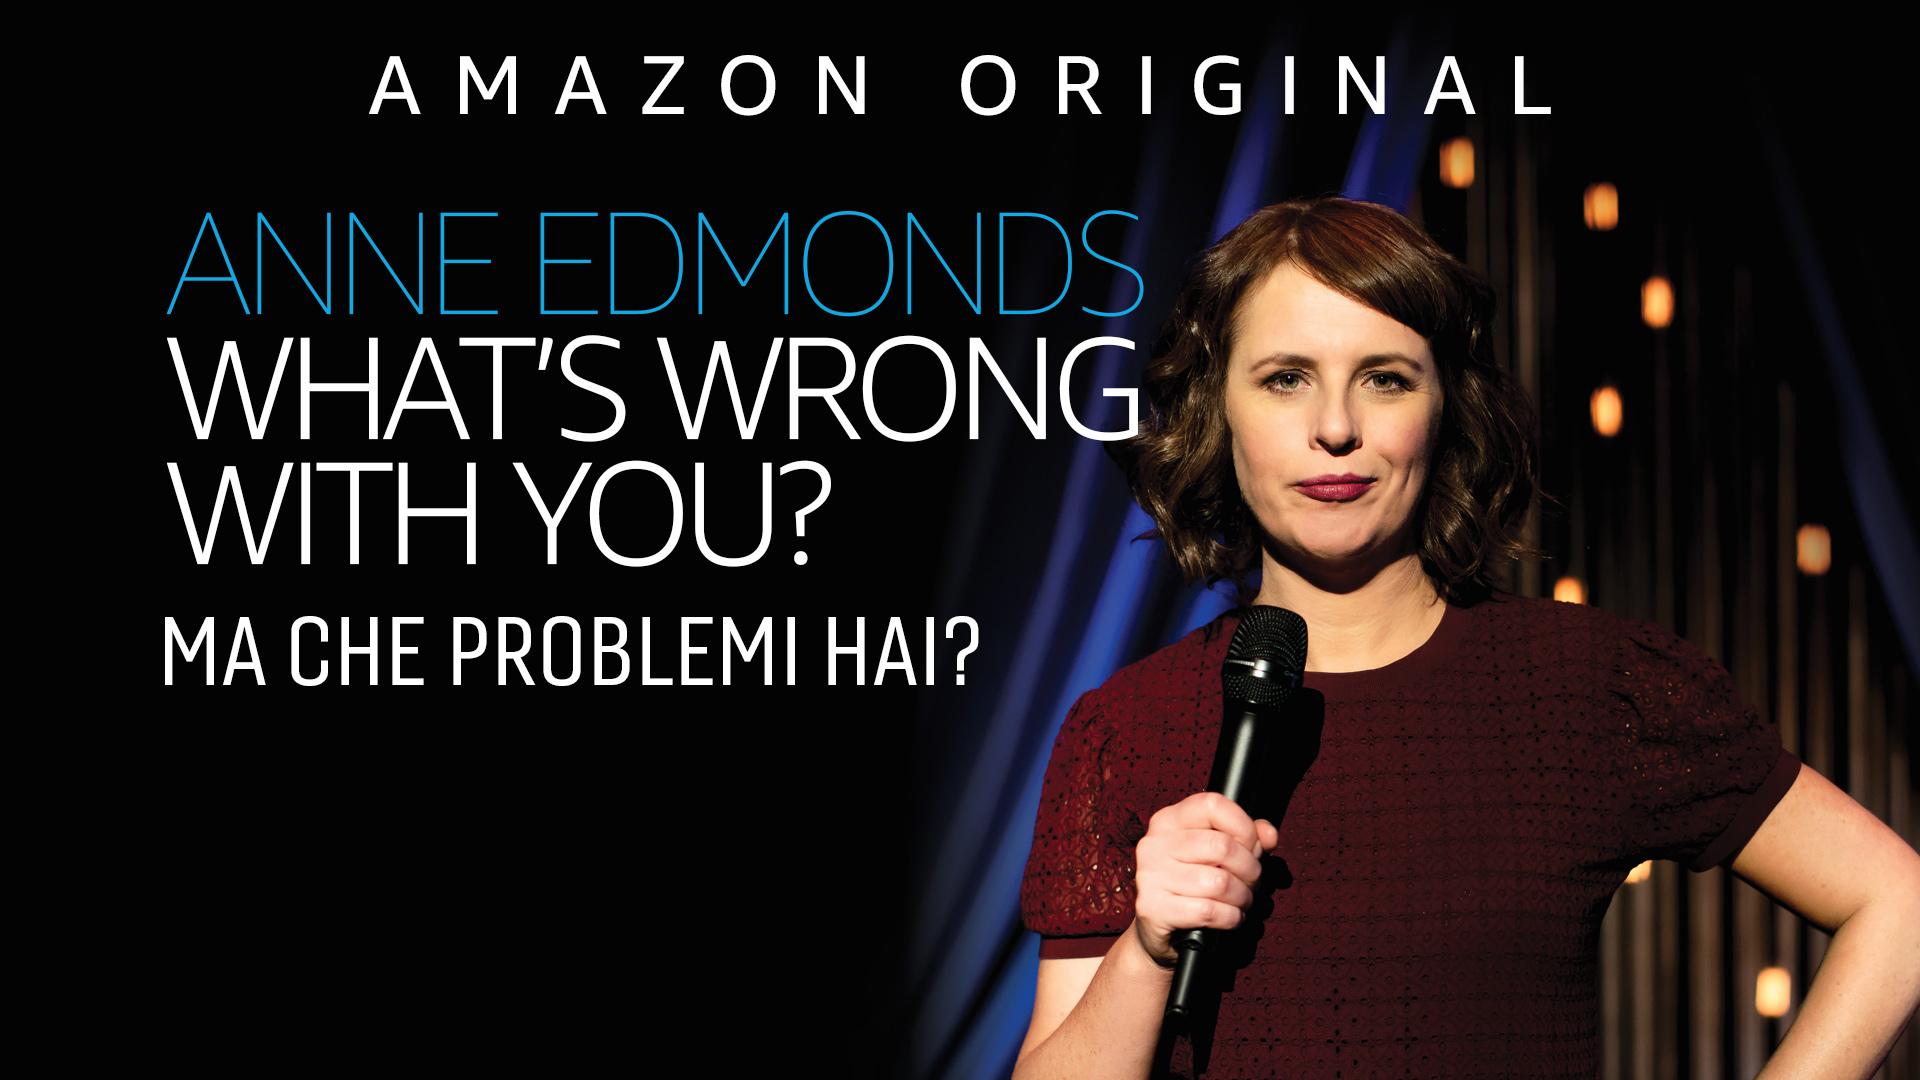 Anne Edmonds: Ma che problemi hai?